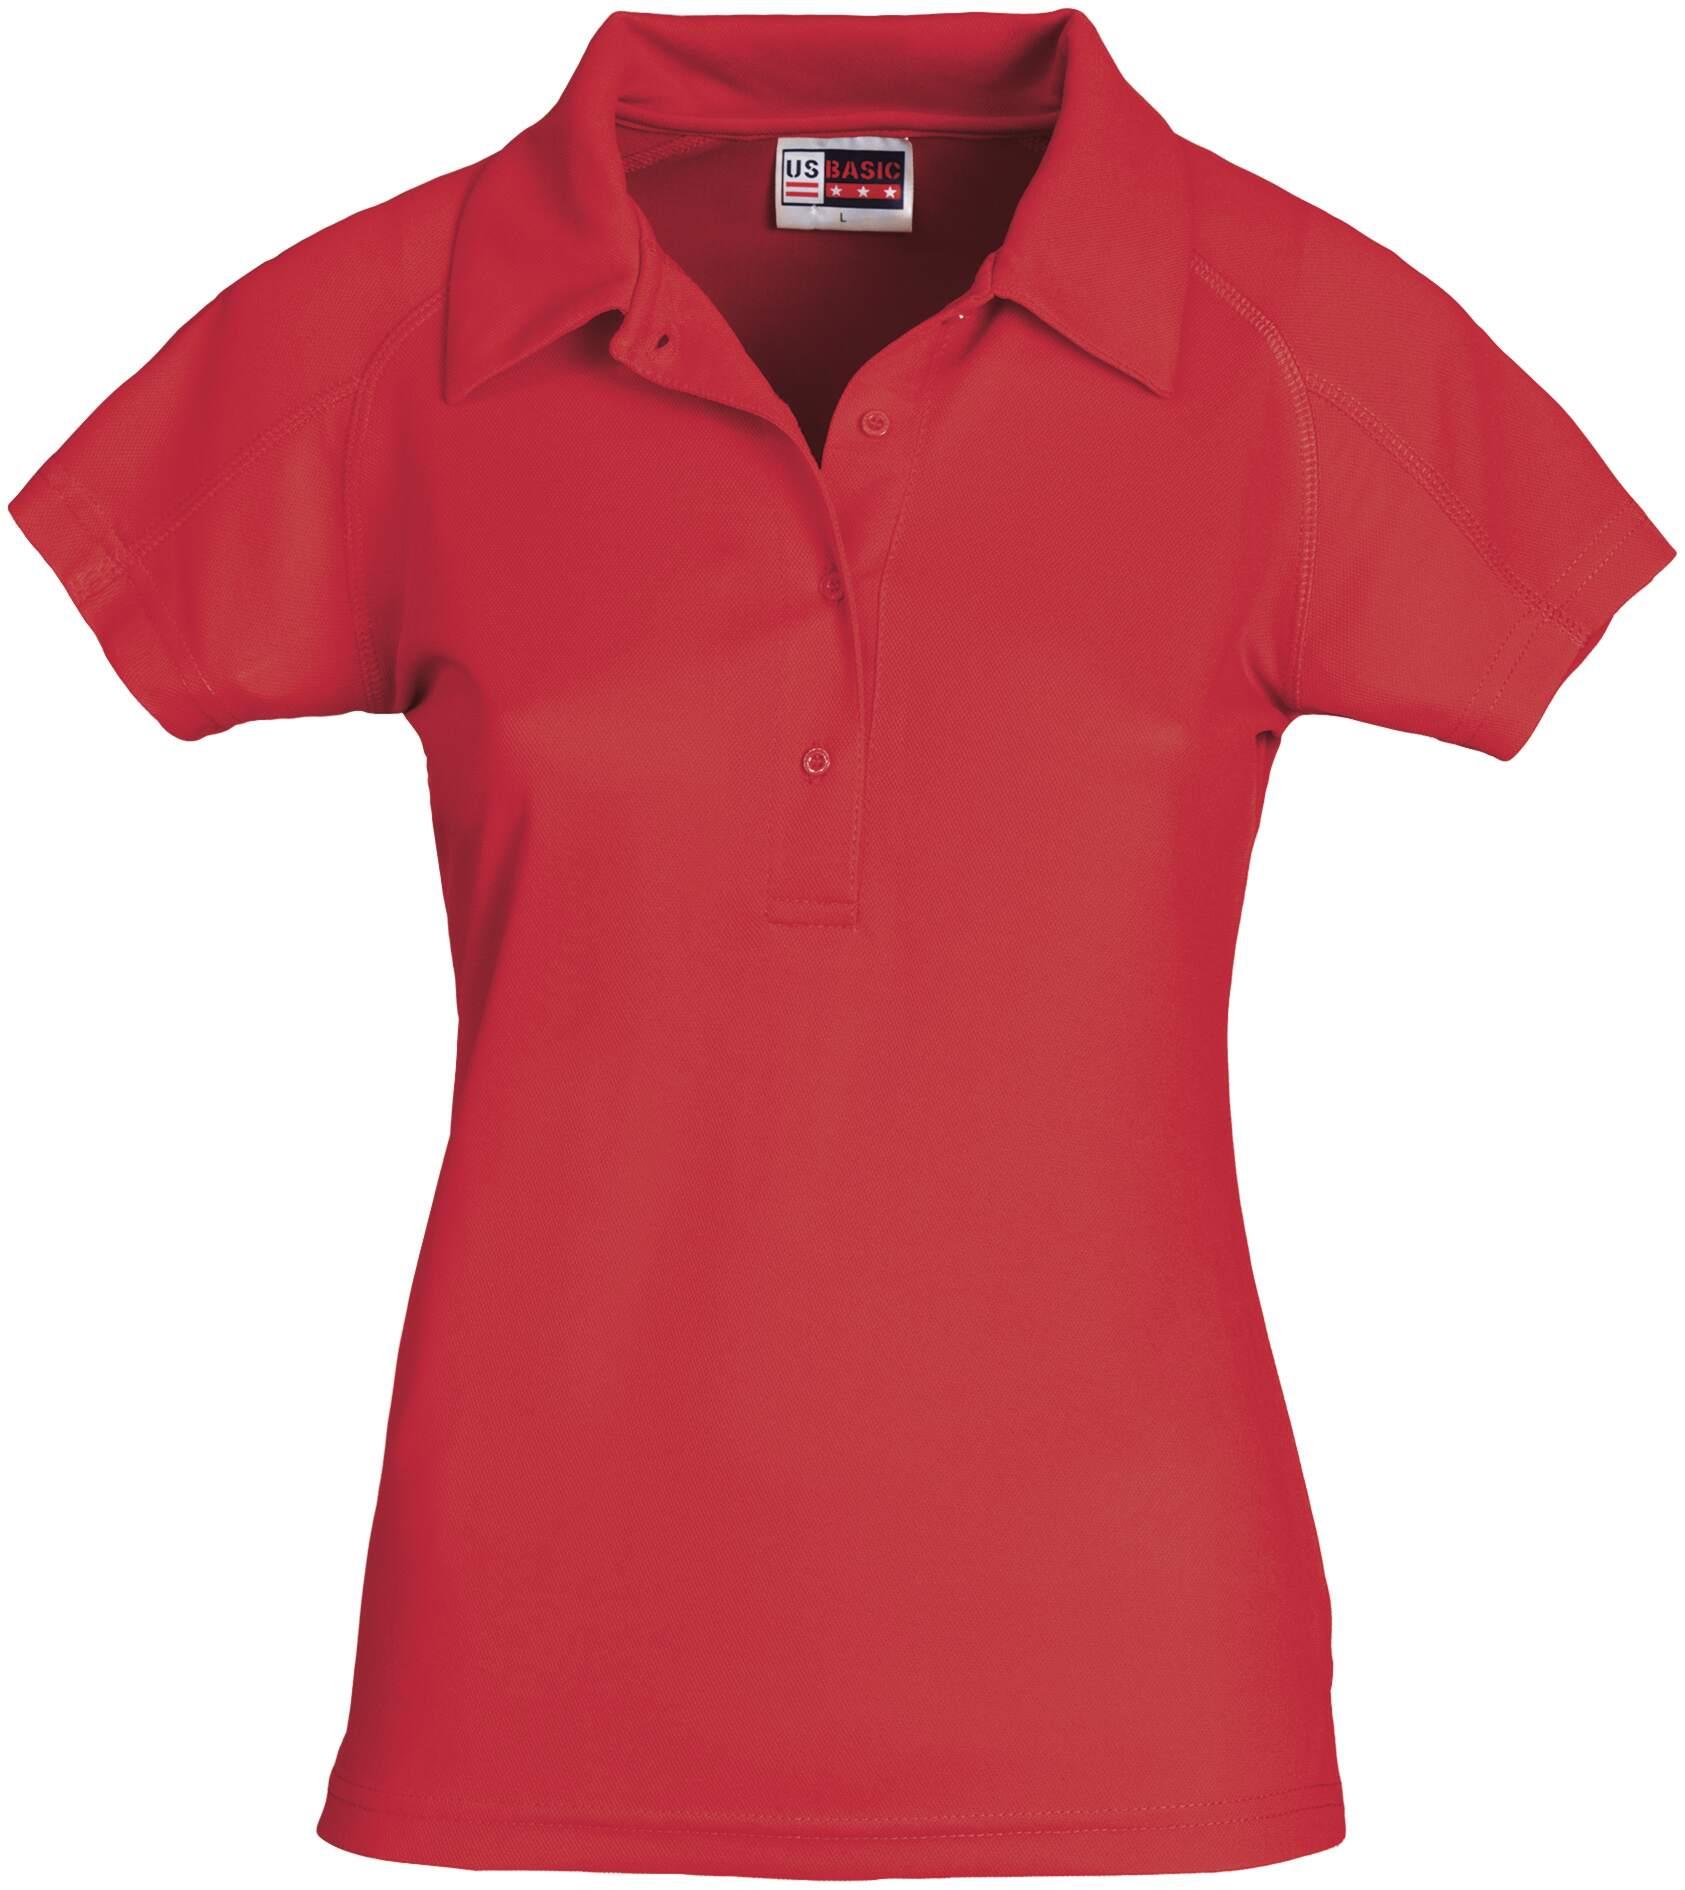 Koszulki Polo US 31097 Cool Fit - 31097_czerwony_Us - Kolor: Czerwony